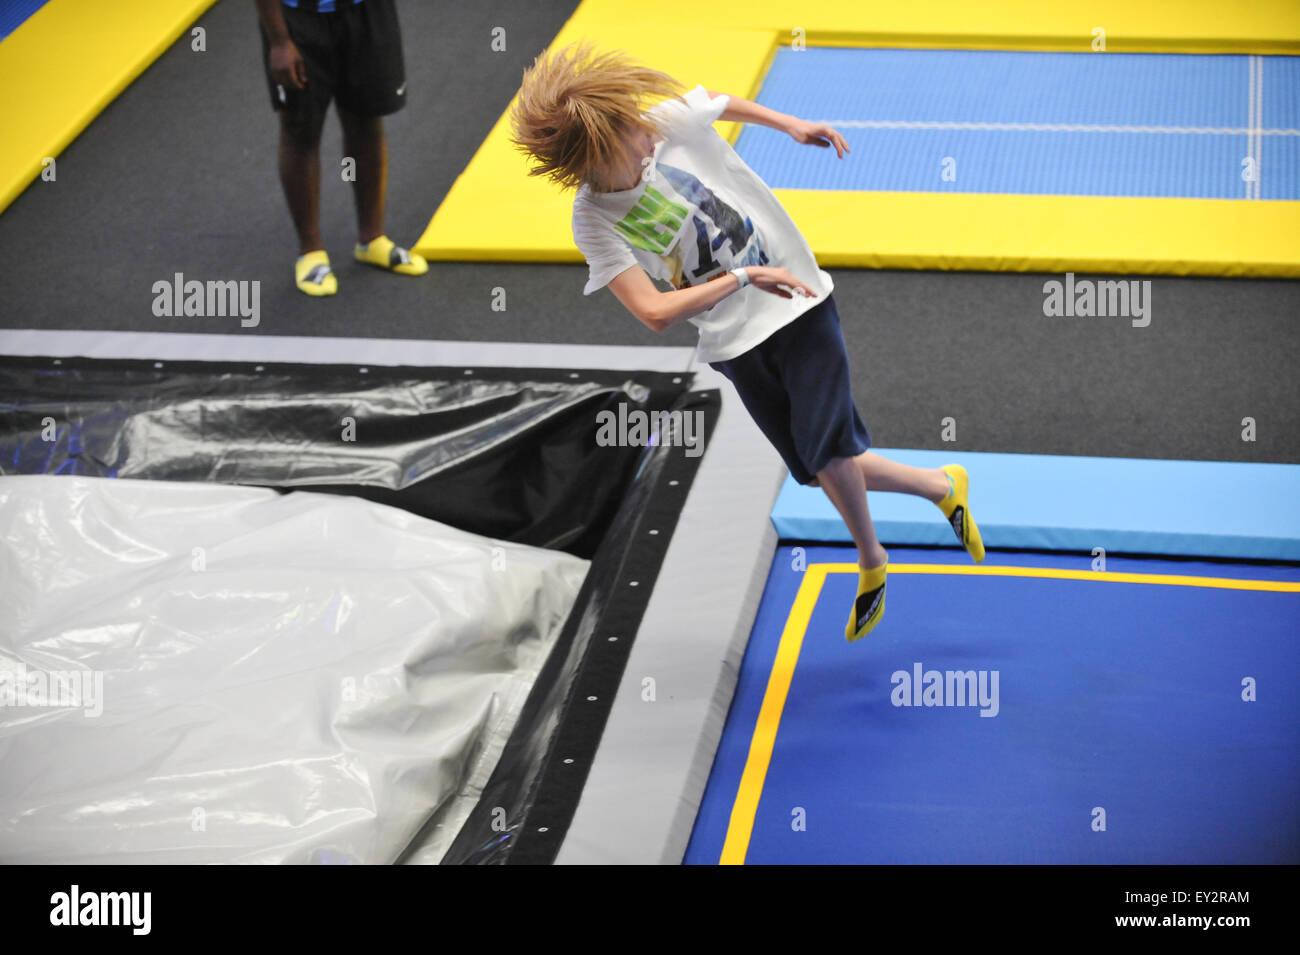 Le premier parc de trampolines Freejumping oxygène ouvre à Acton, l'ouest de Londres, avec une variété Photo Stock